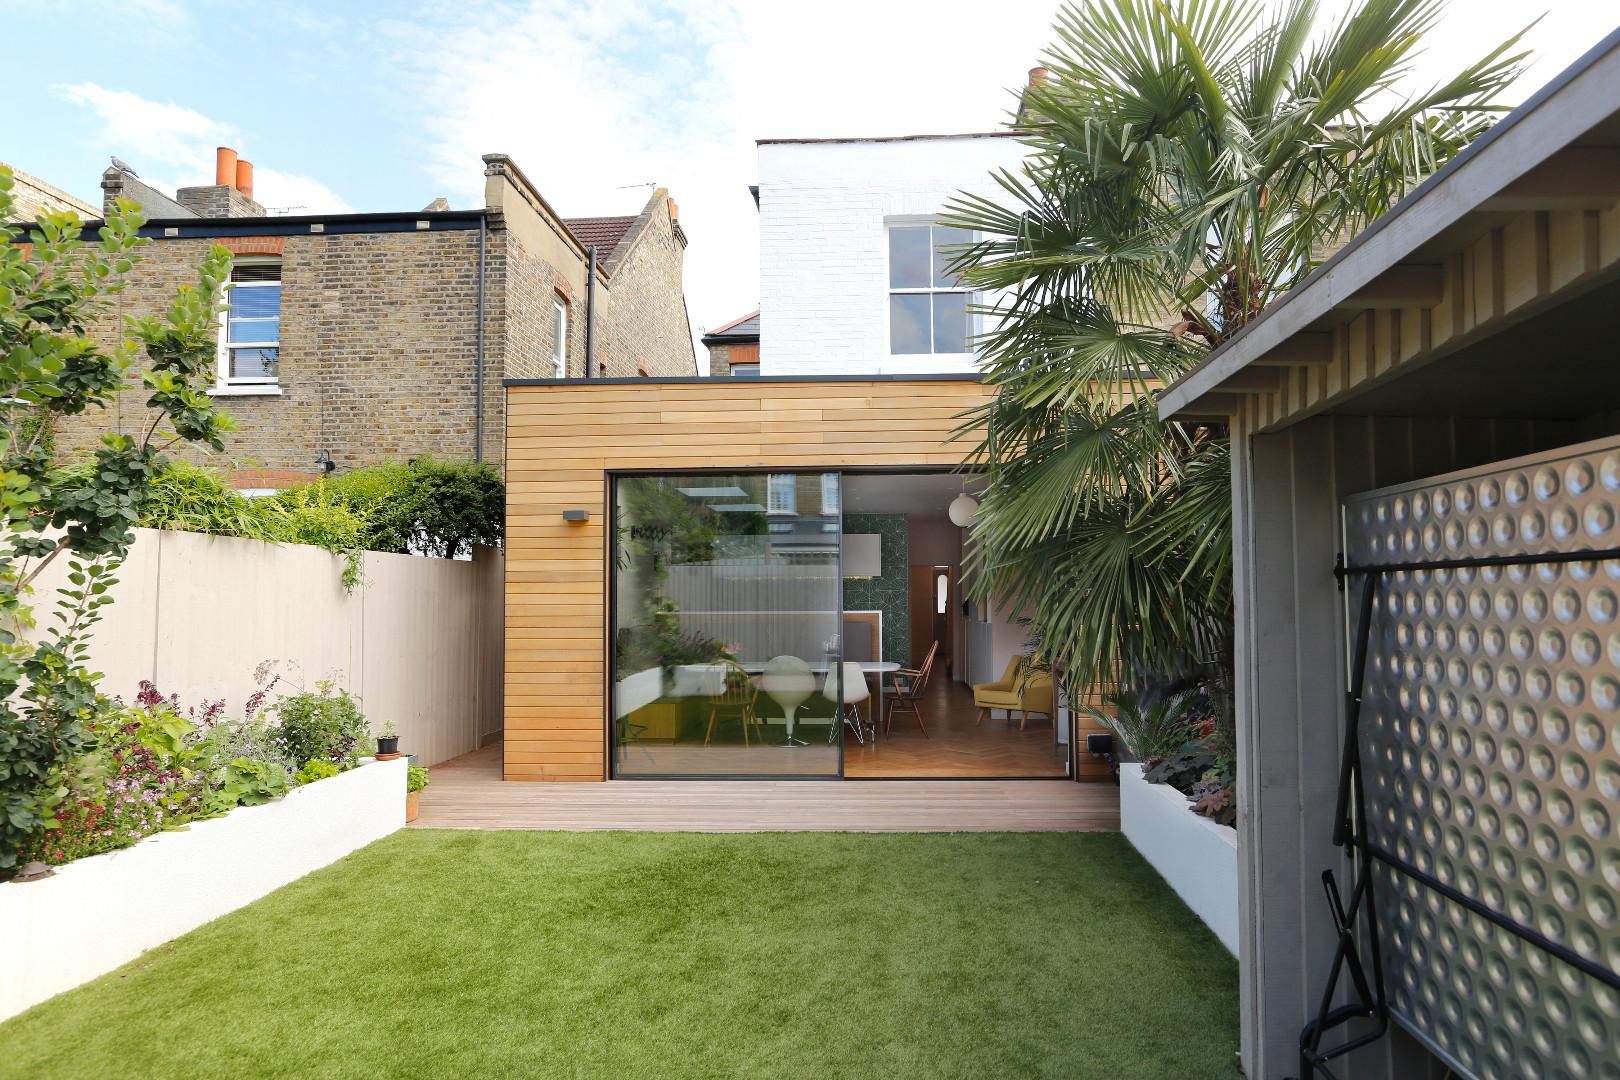 slimline patio door